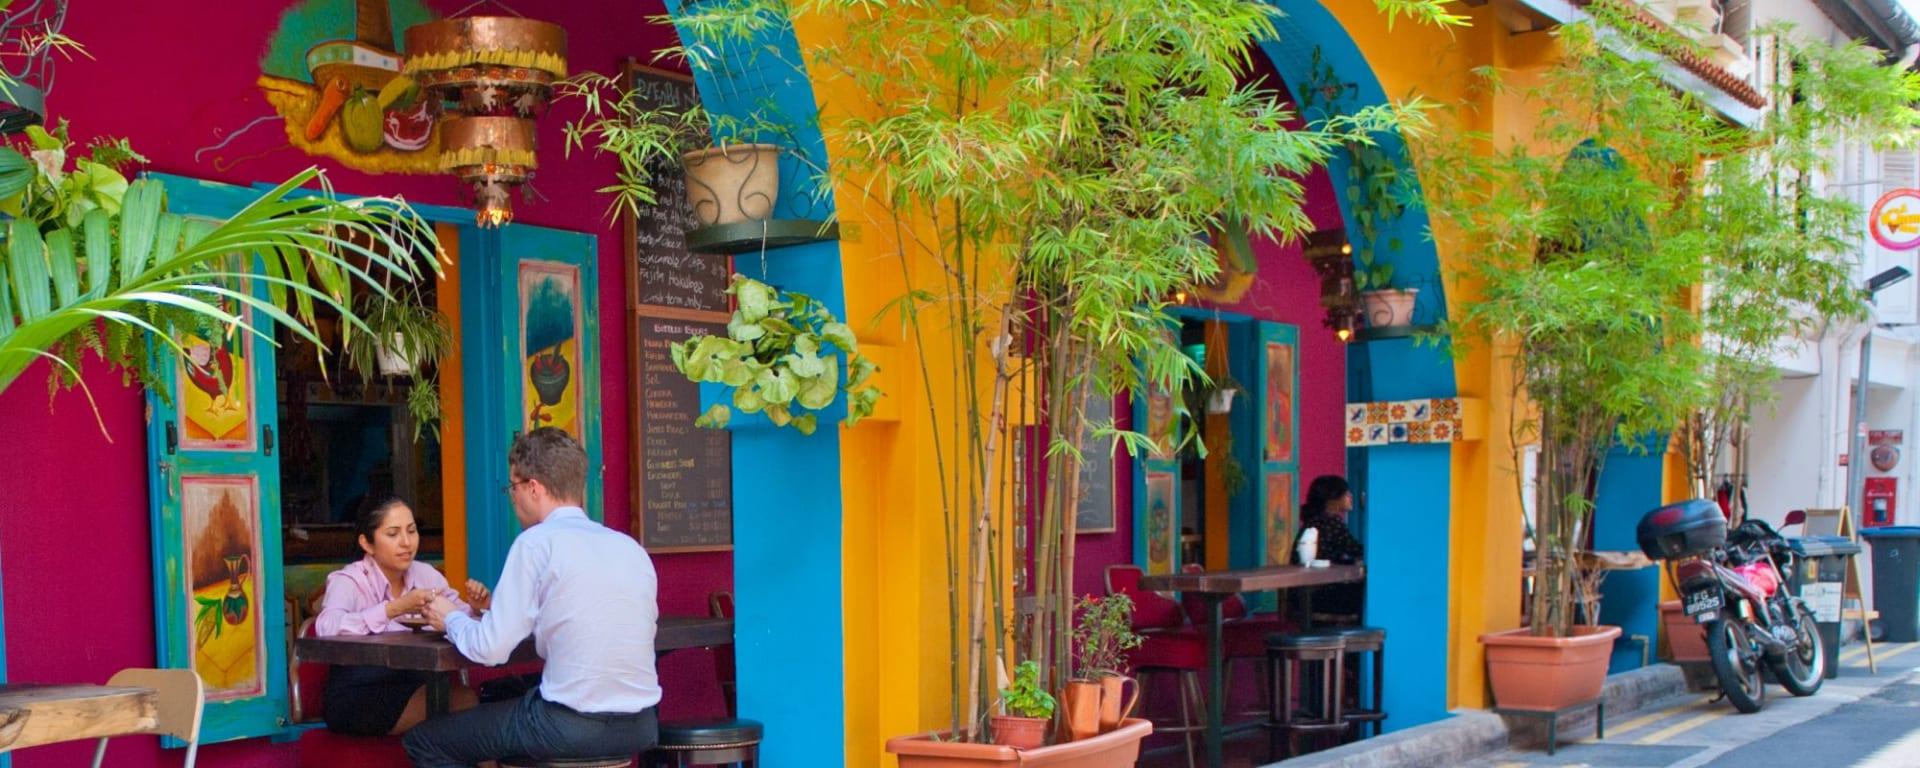 Wissenswertes zu Singapur Reisen und Ferien: Haji Lane